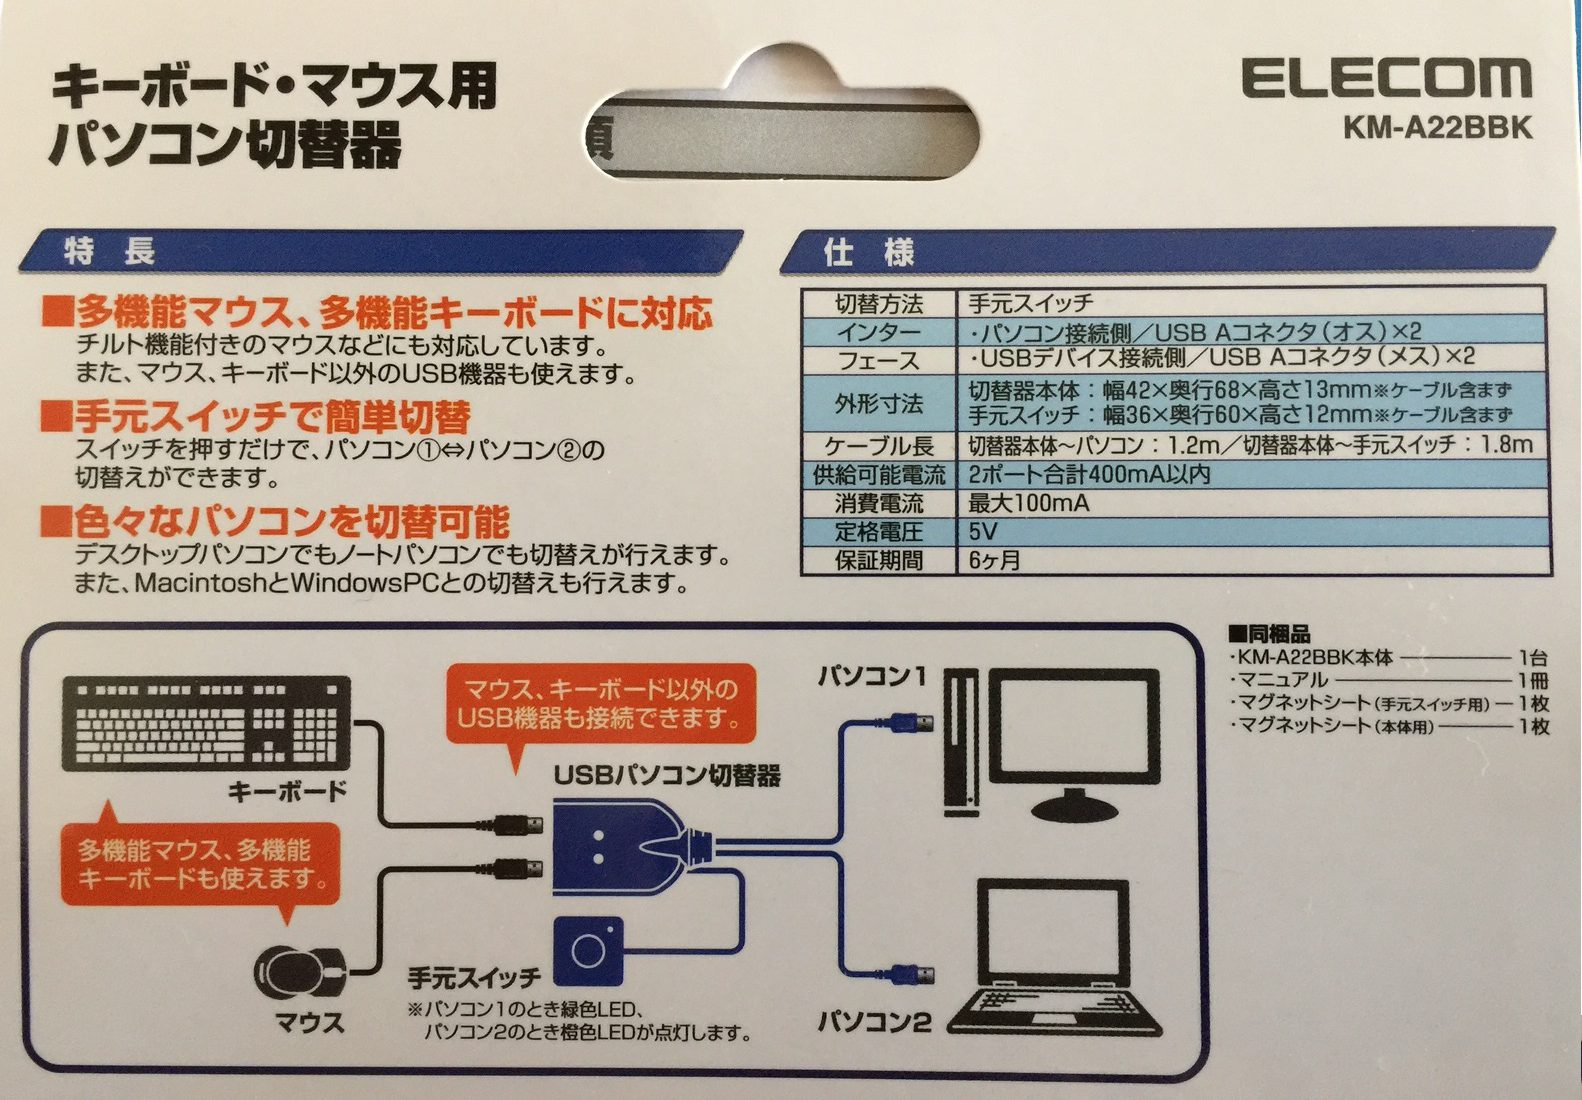 キーボード、マウス共用に便利! KVMスイッチのご紹介